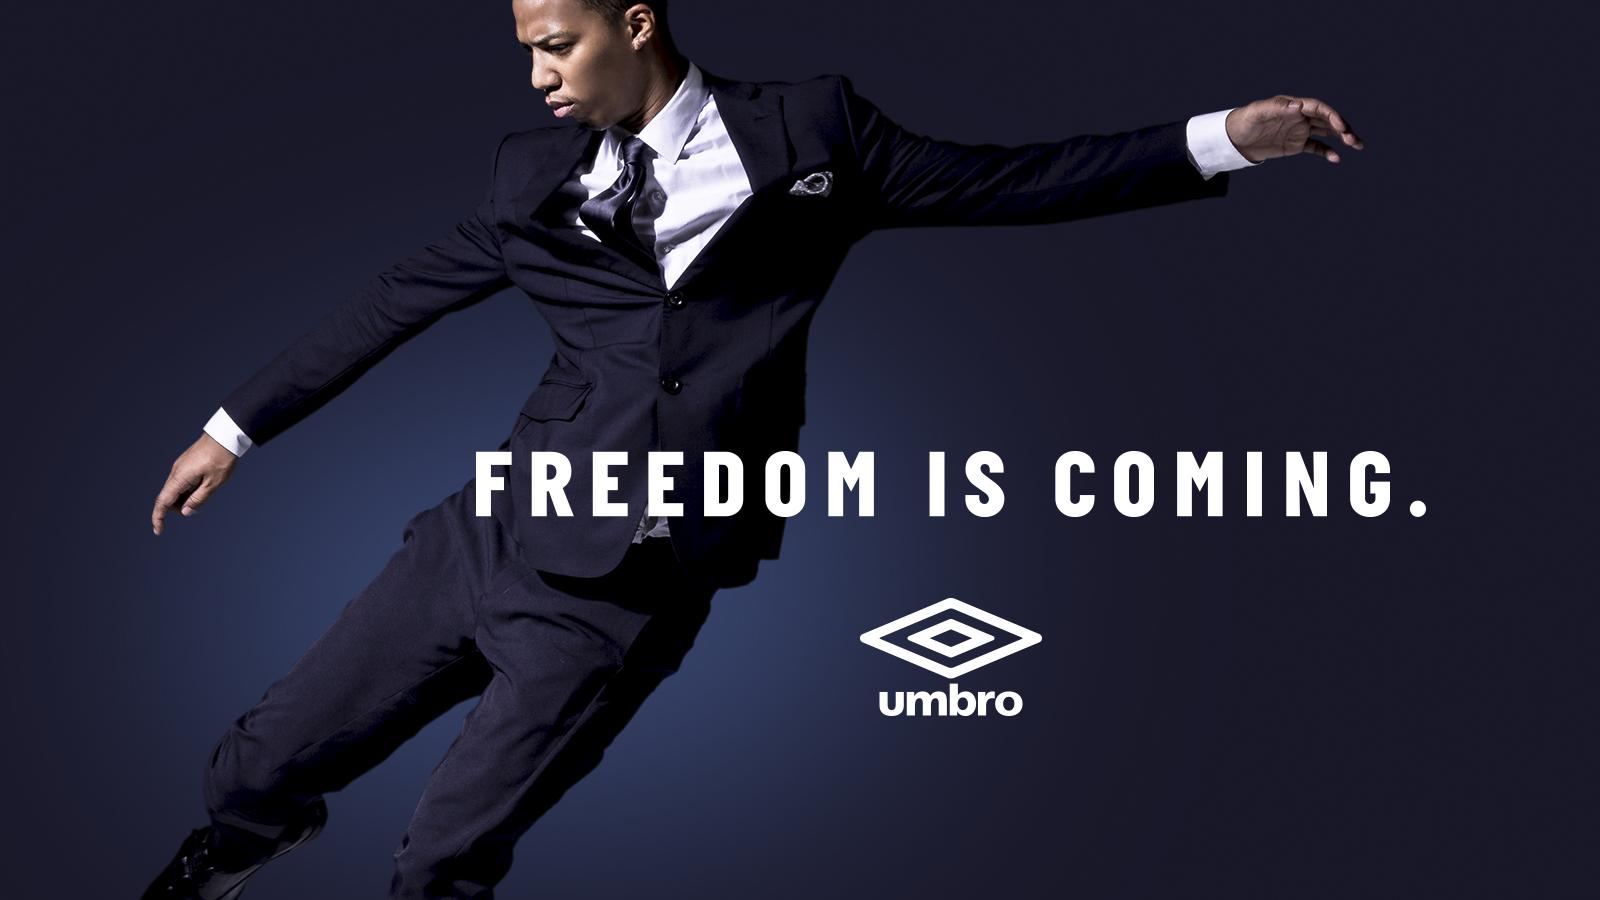 Umditional Pants / キービジュアル(UMBRO)